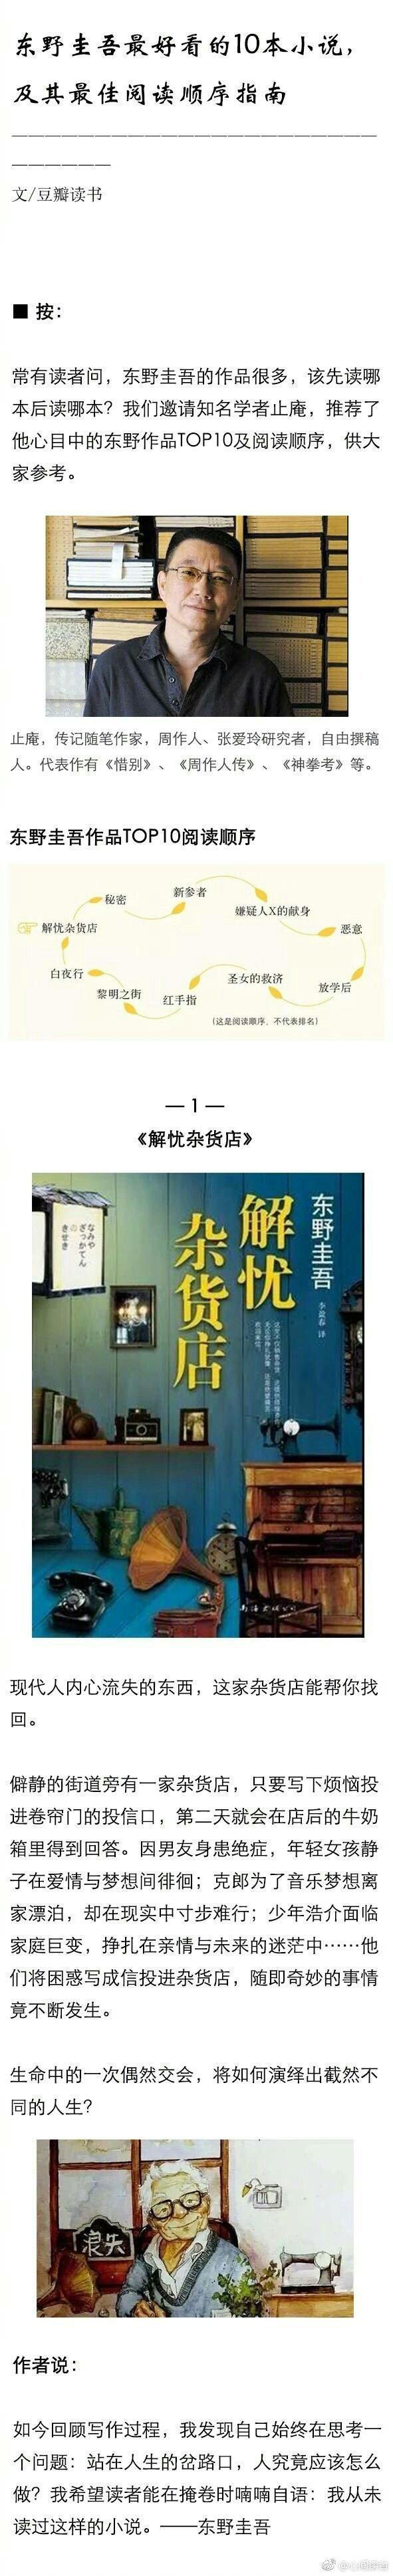 东野圭吾最好看的10本小说,及其最佳阅读顺序指南